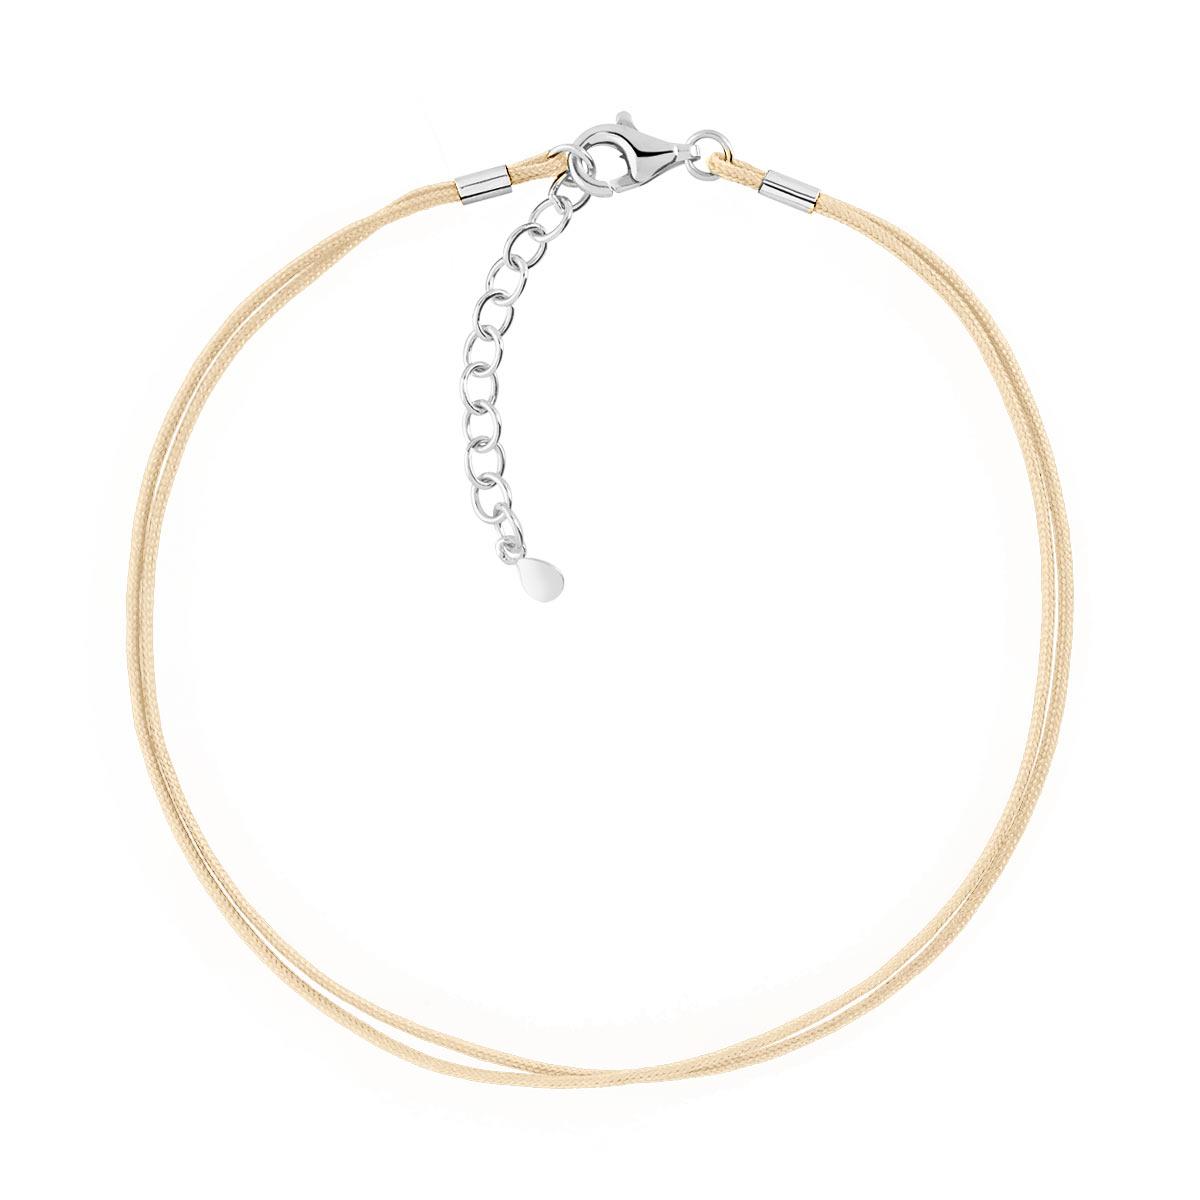 95edc9c8076bb Bracelet argent 925 cordon coton sable - Femme - Bracelet souple | MATY